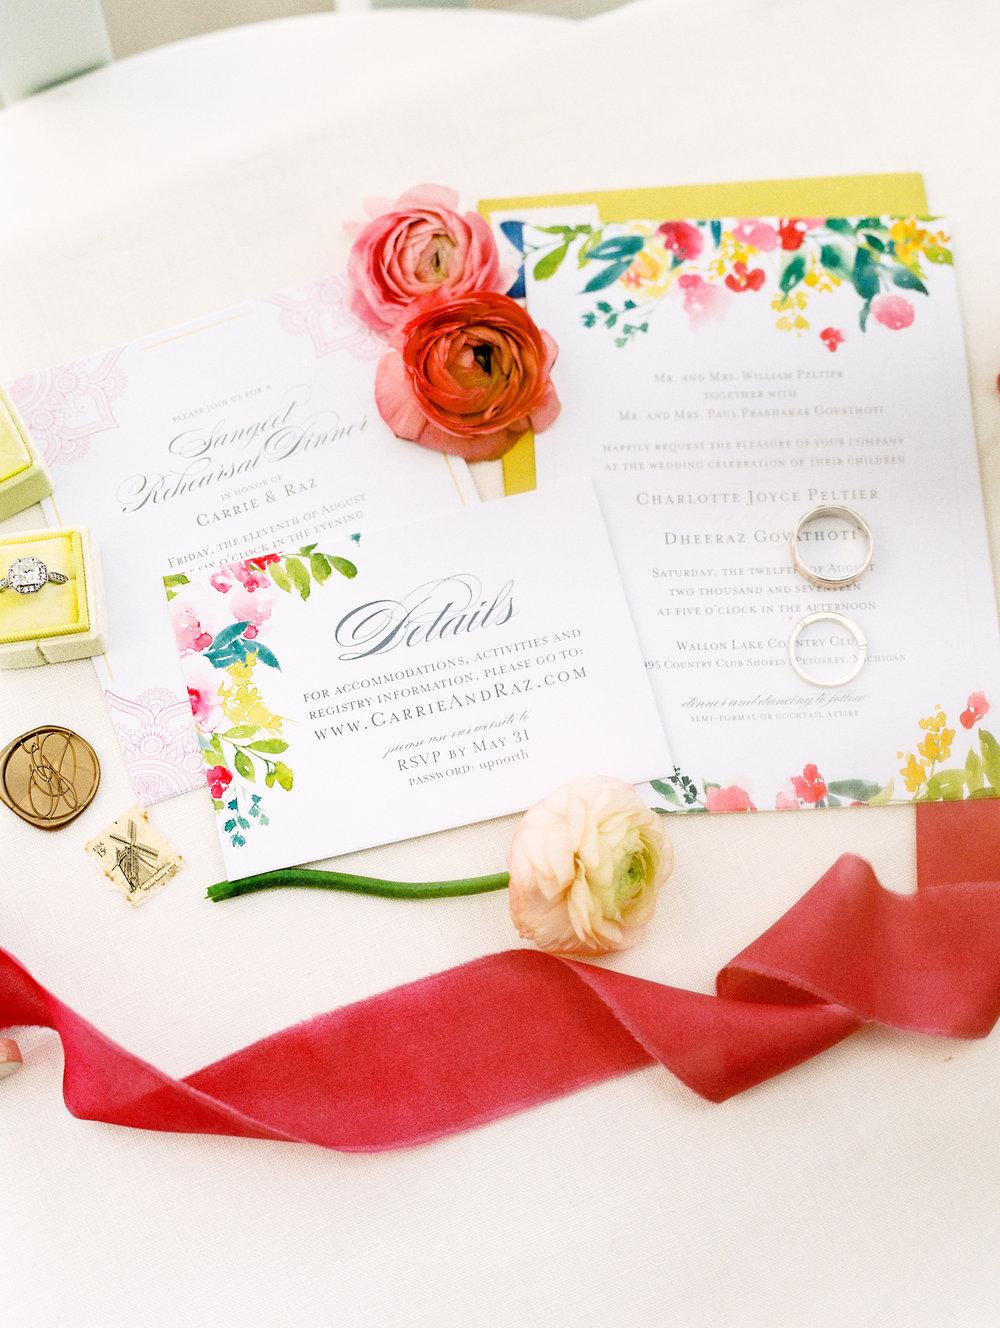 Govathoti+Wedding+Details-22.jpg